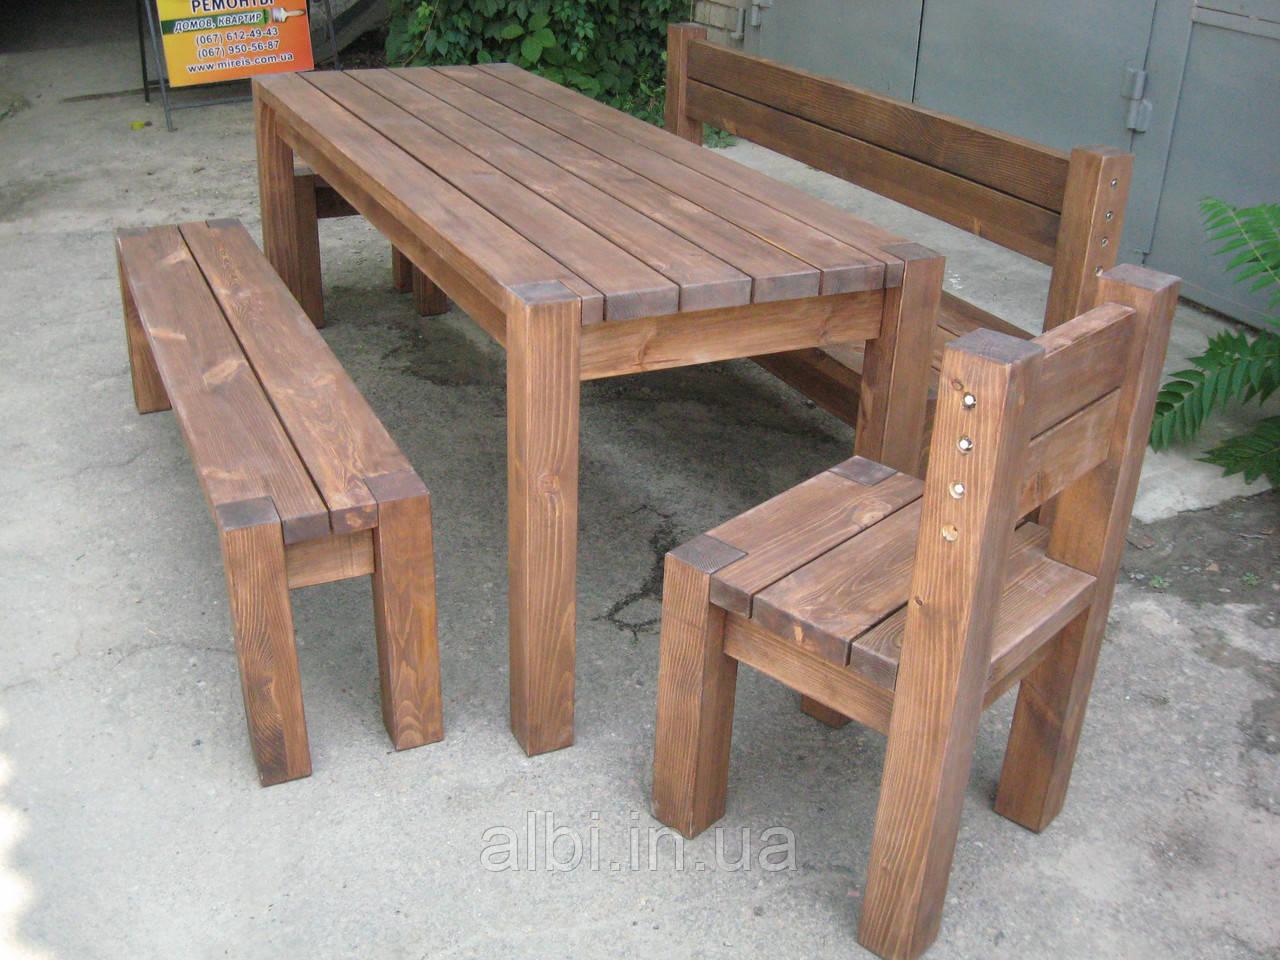 Стол садовый из натурального дерева из комплекта Альфа 1м